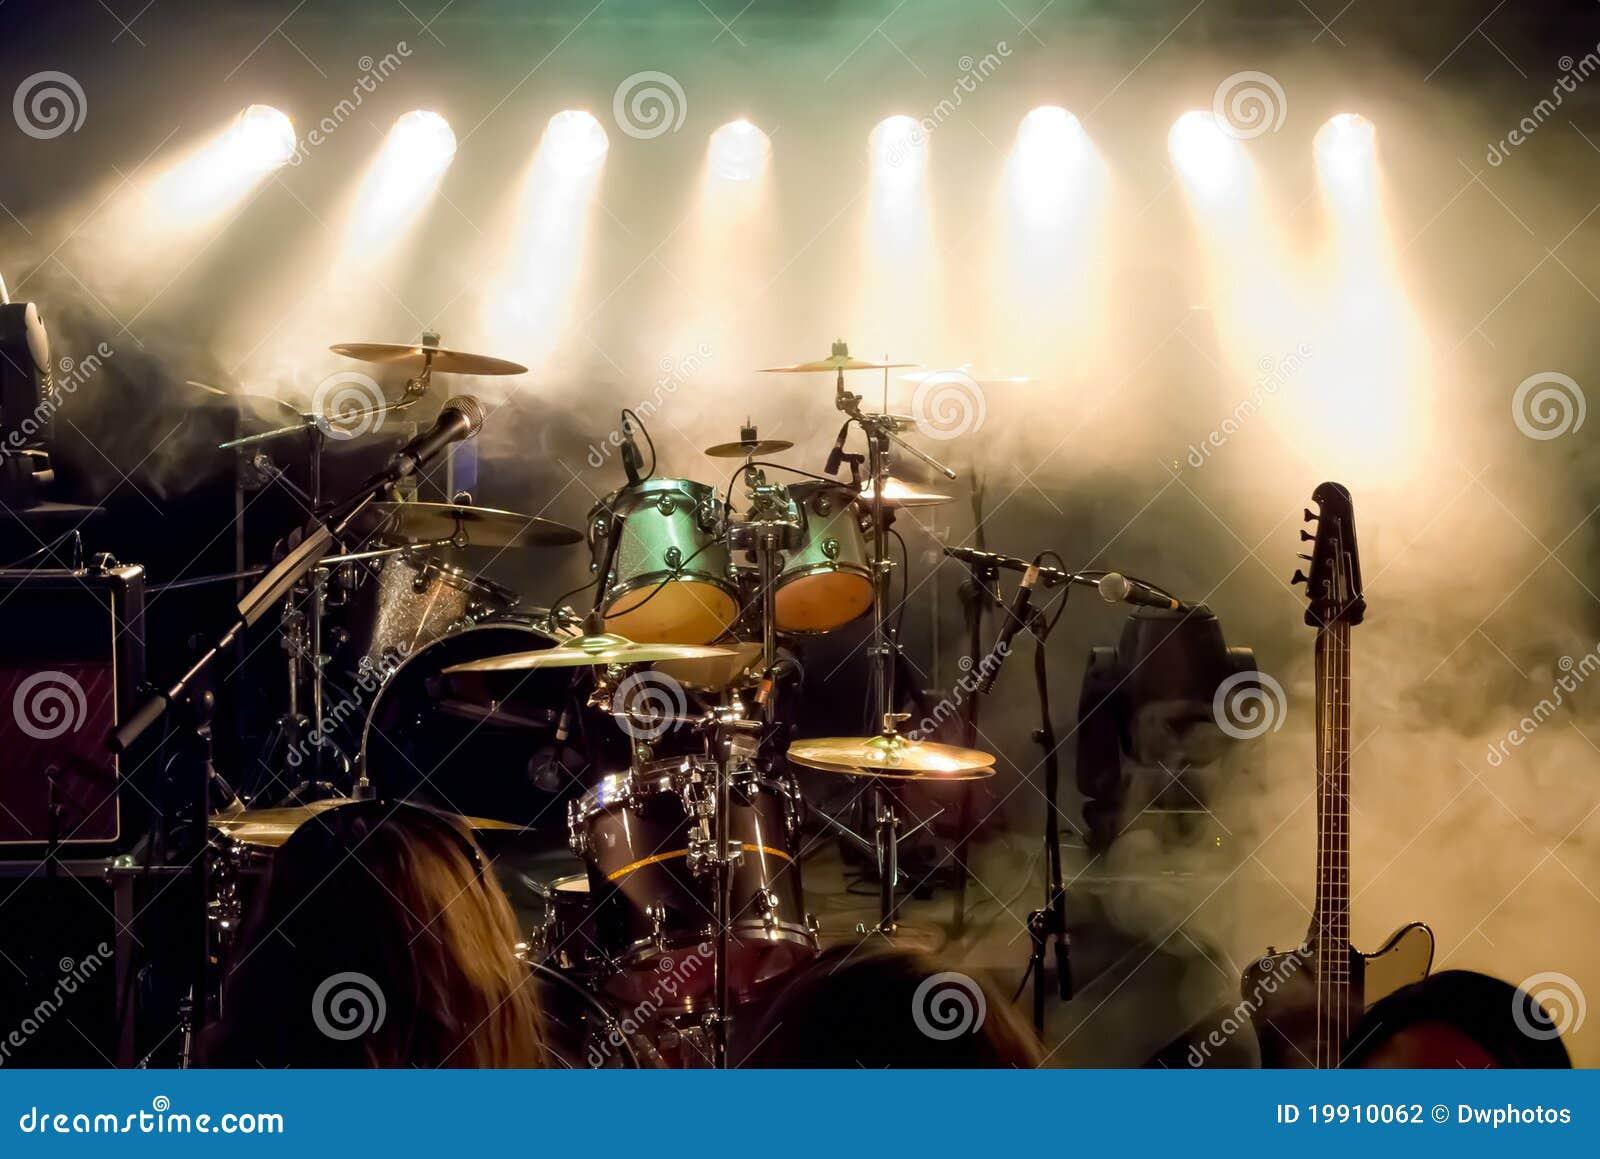 Empty outdoor rock stage - Concert